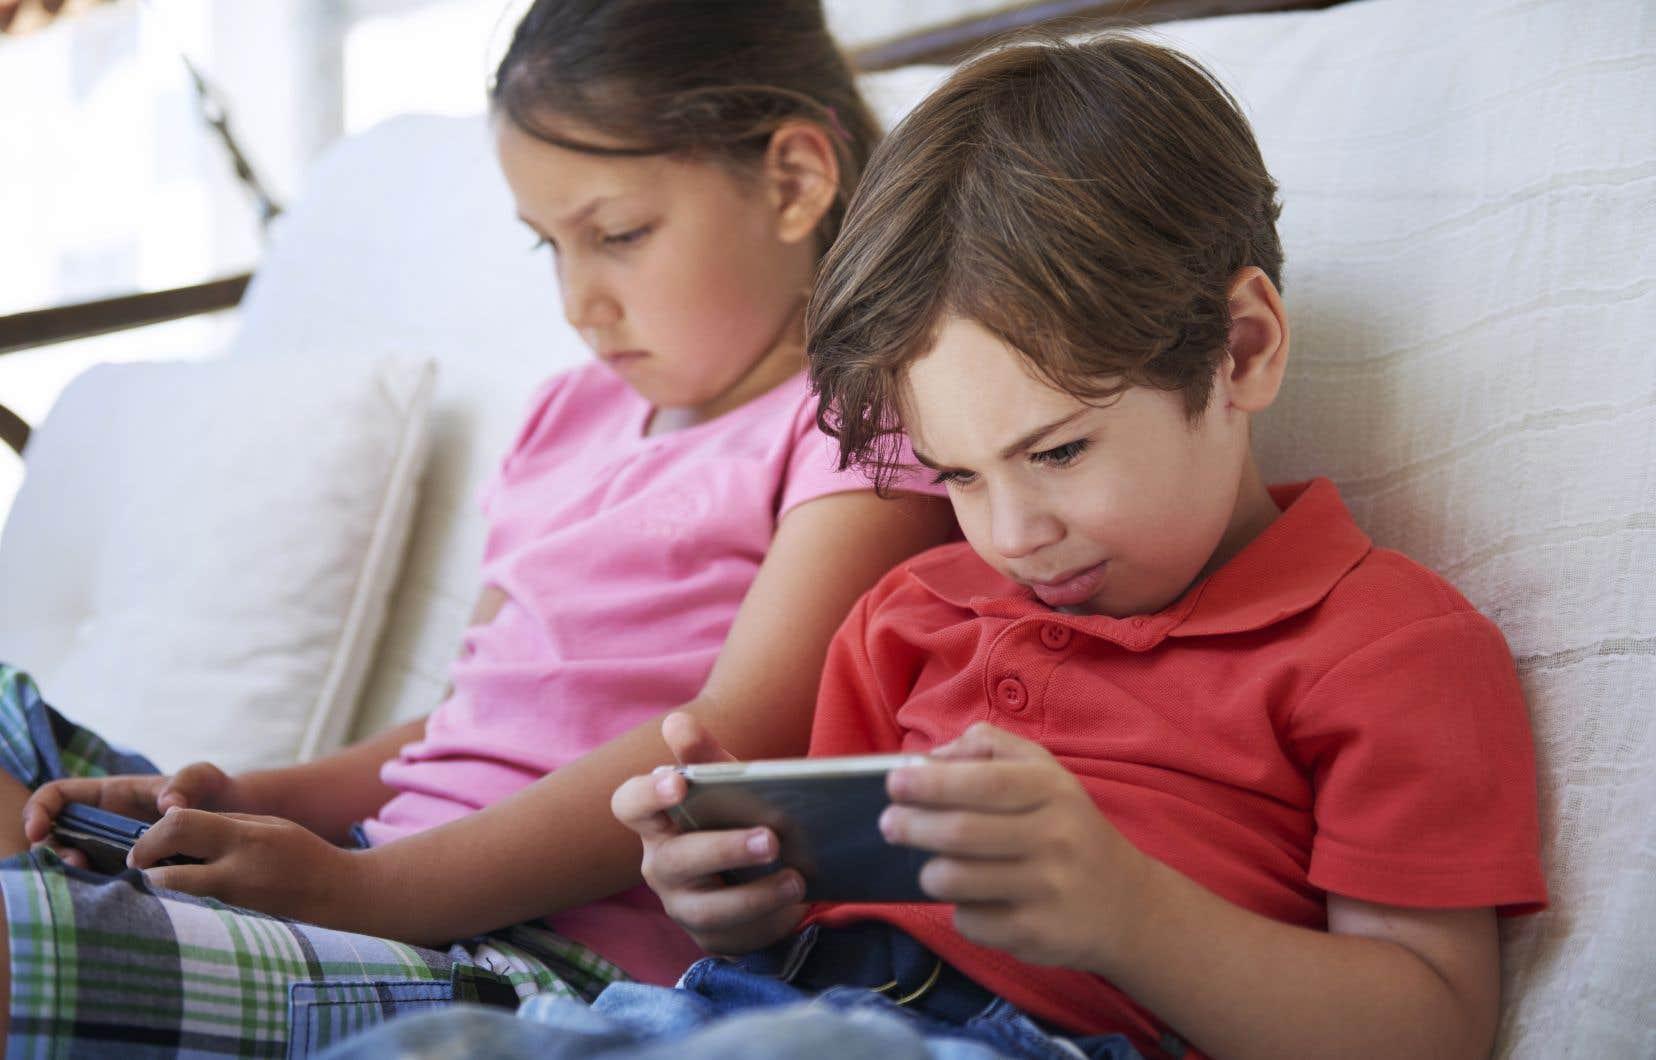 Les chercheurs ont constaté que plus un enfant consacrait de temps à un écran, plus il présentait des faiblesses au niveau de l'expression orale du langage, de la capacité à nommer rapidement des objets et de ses aptitudes émergentes de lecture et d'écriture.